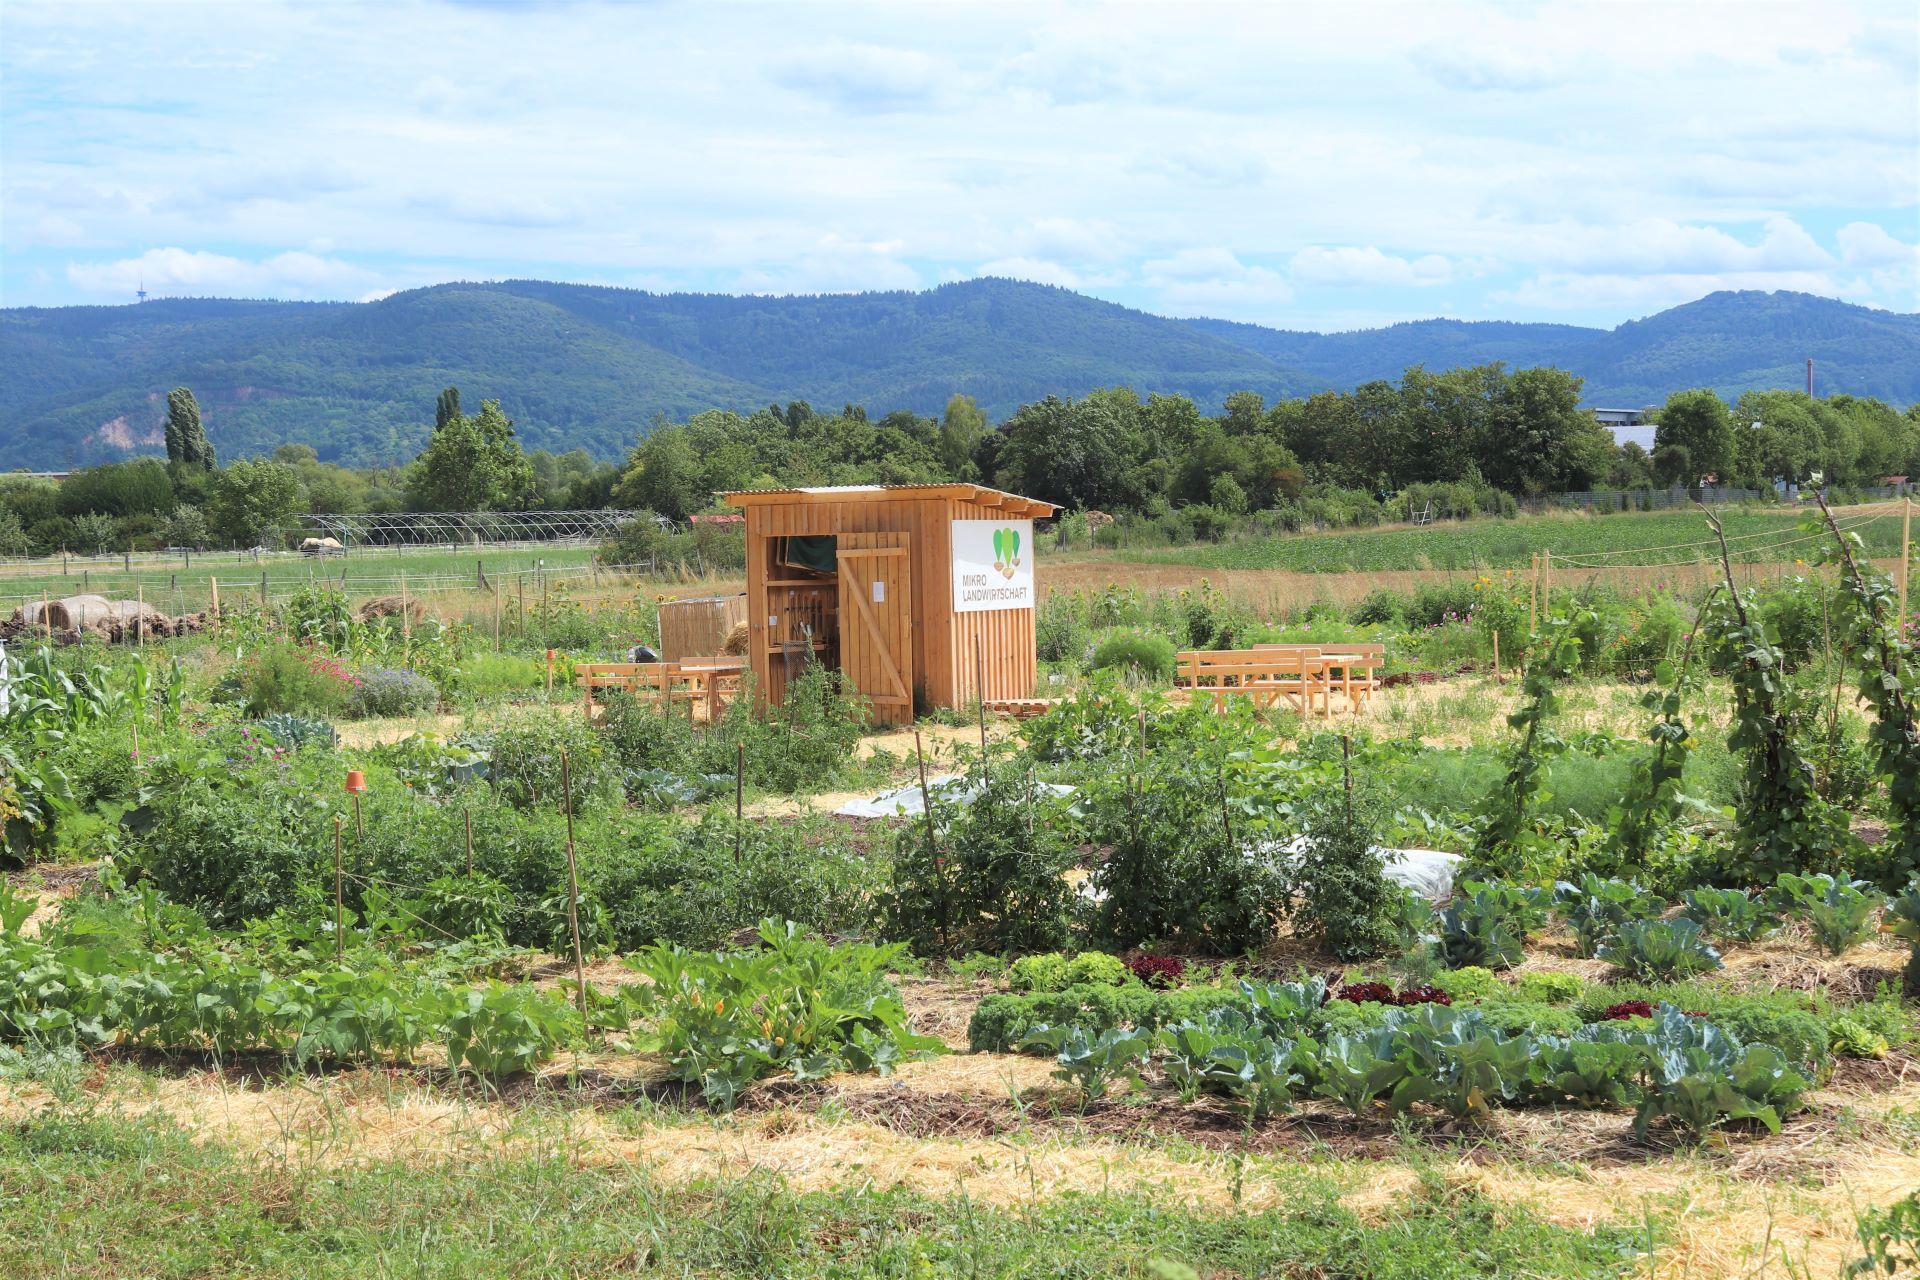 Mikro Landwirtschaft - die Plattform für gemeinschaftlichen Gemüseanbau');